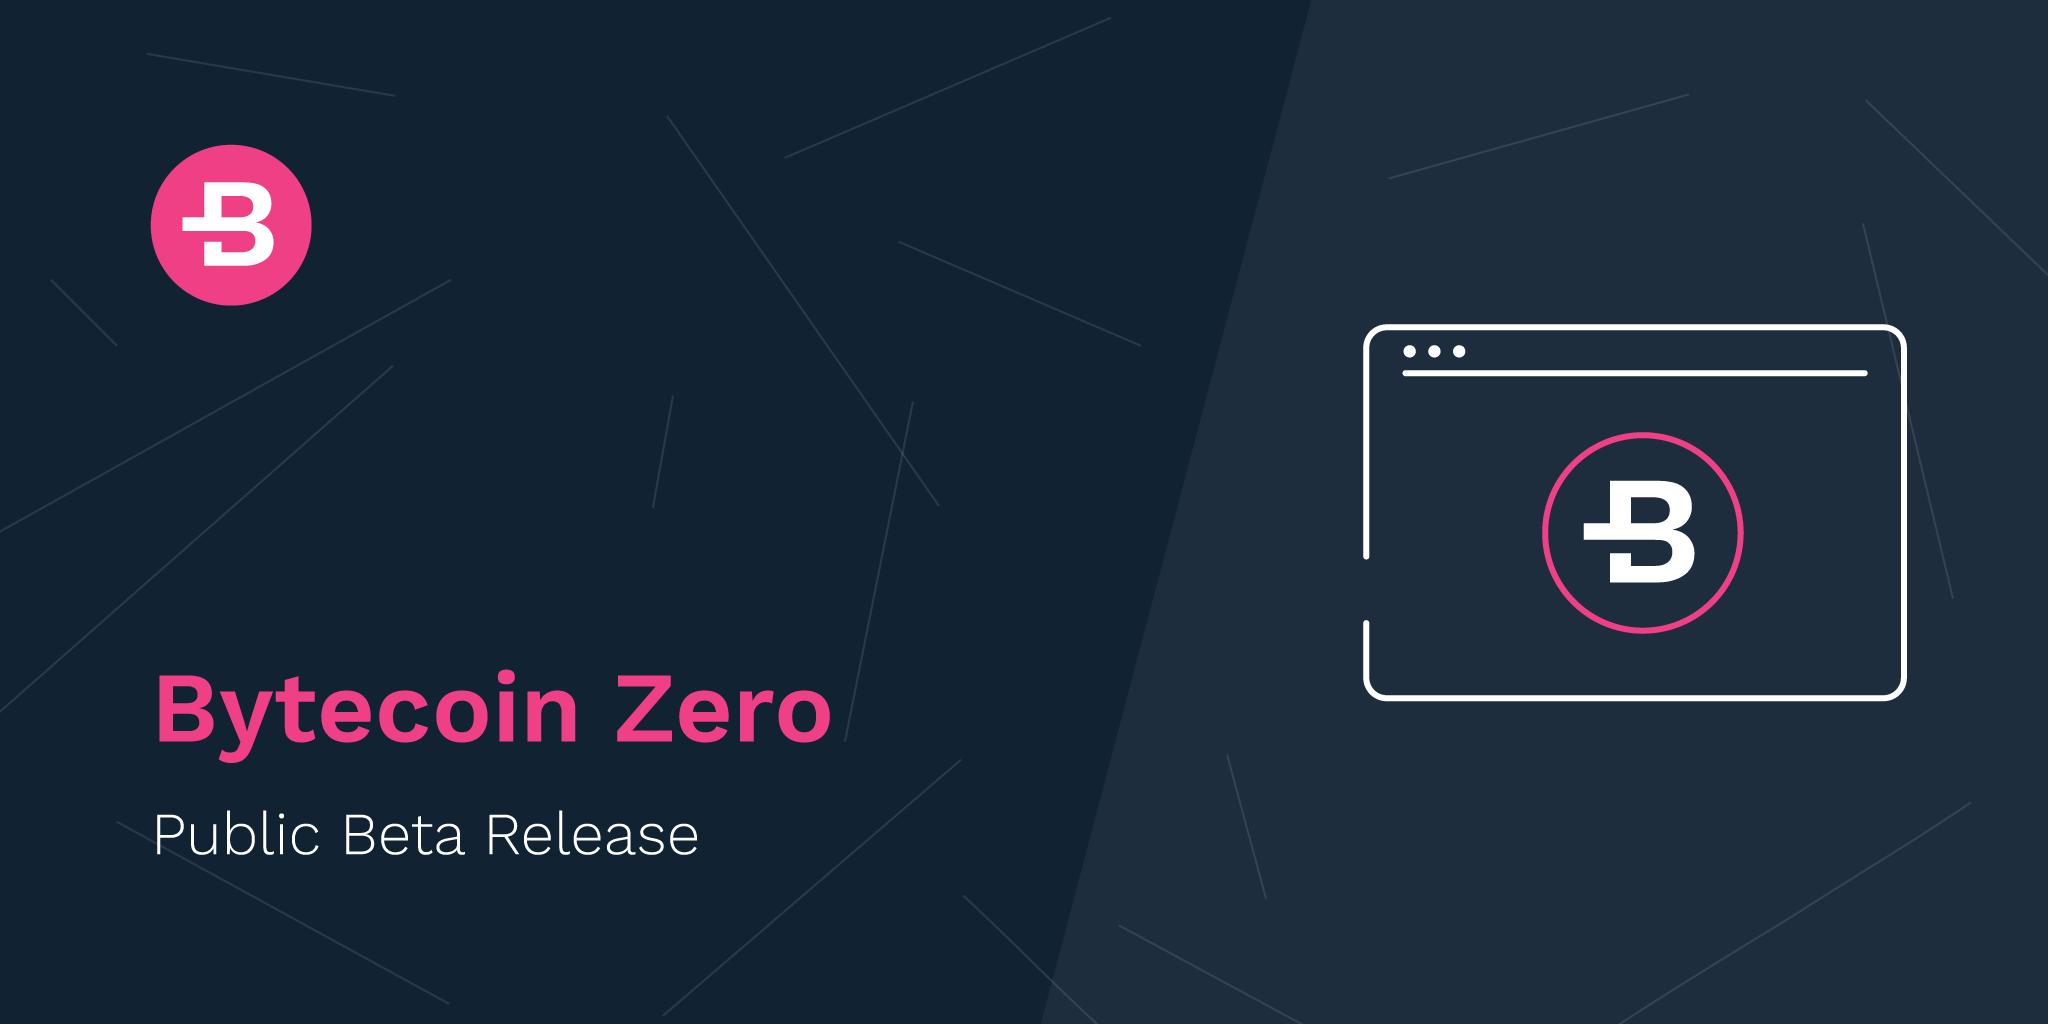 Bytecoin Zero Public Beta Release